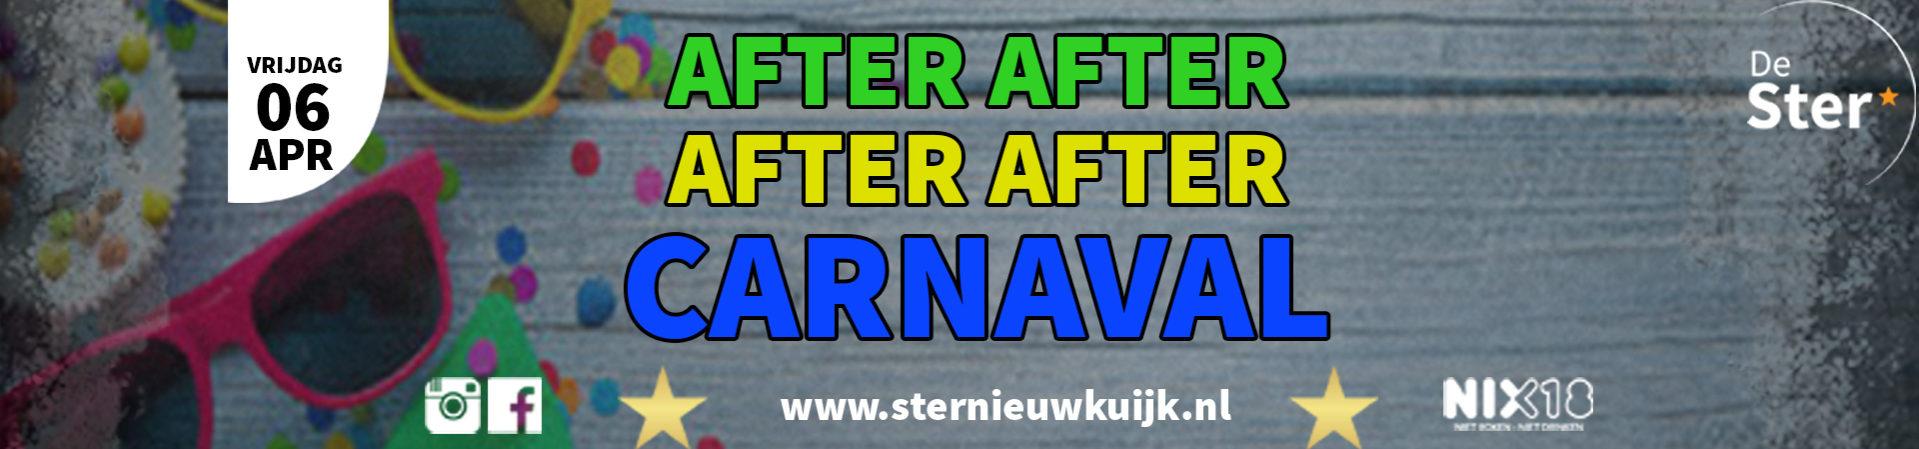 After Carnaval